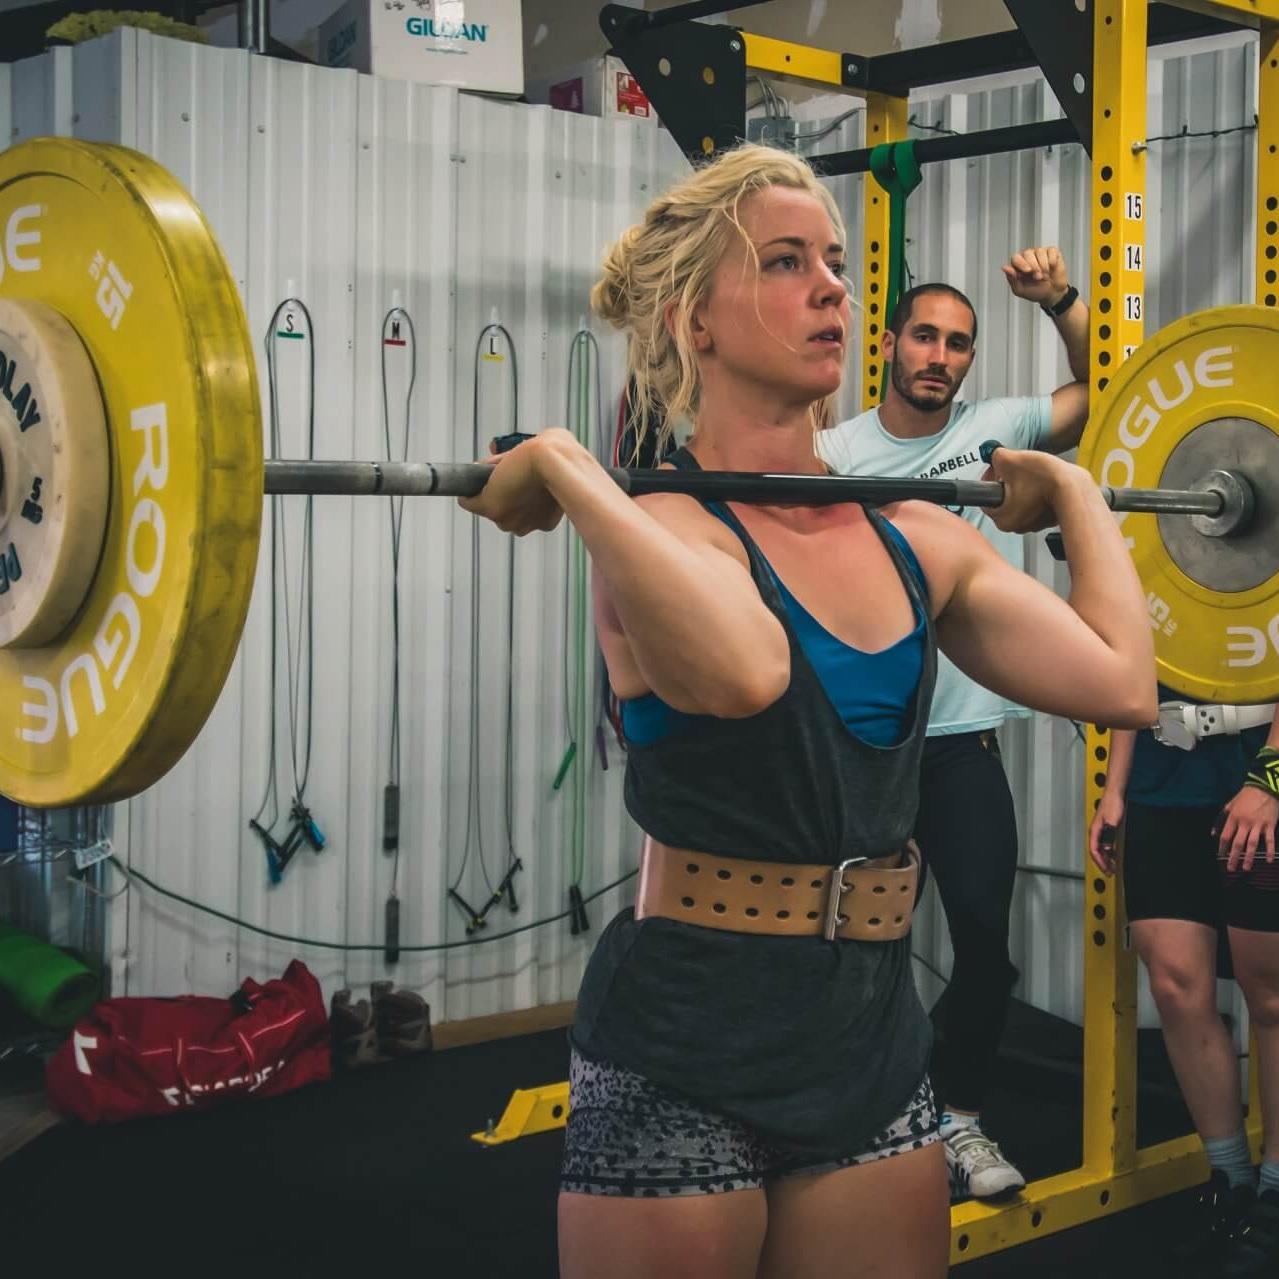 Melissa+Weightlifting+1.jpg